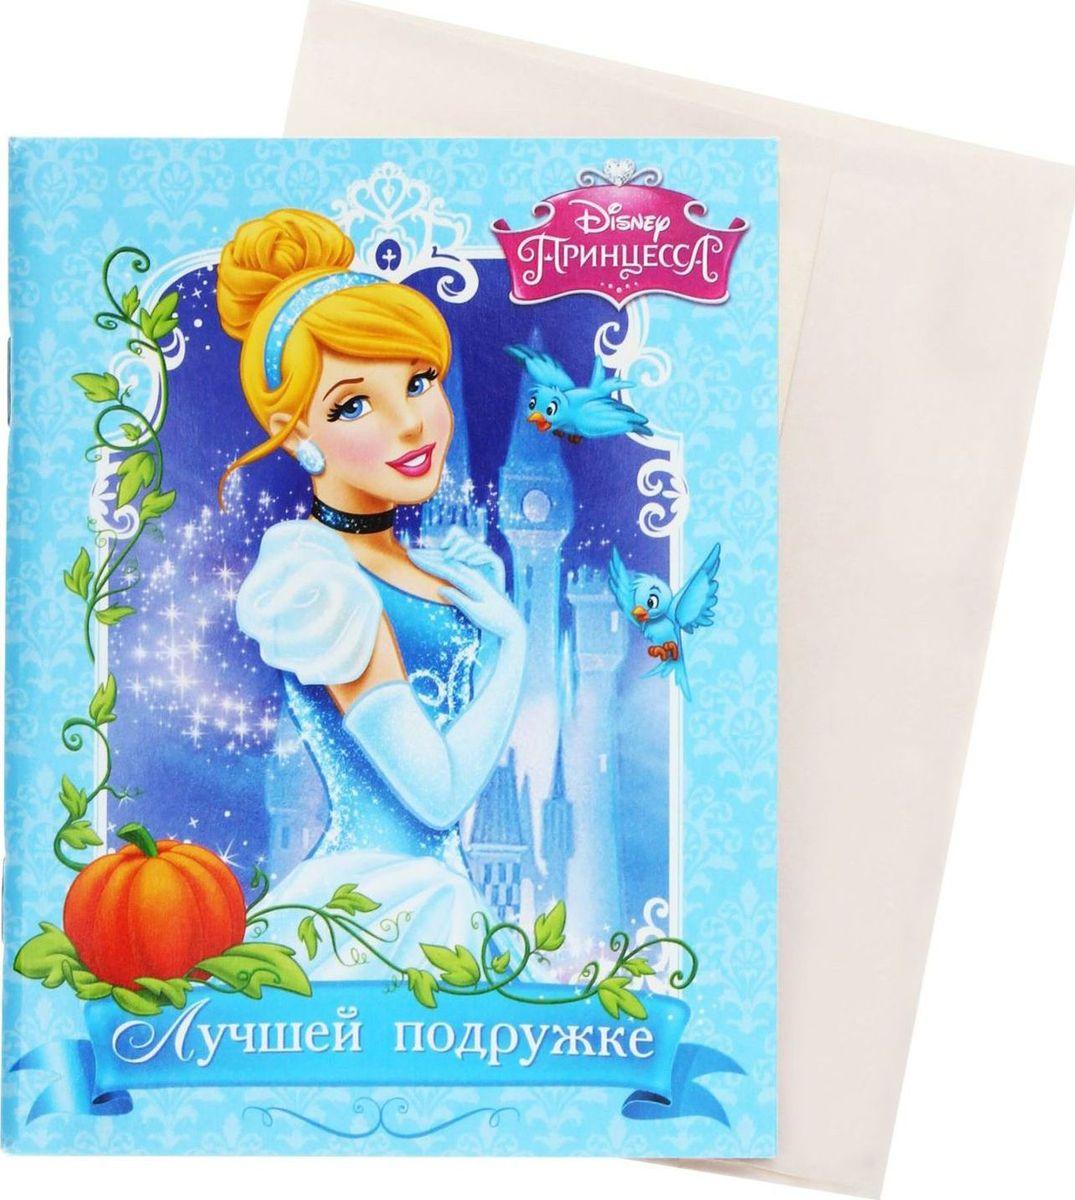 Disney Блокнот-открытка Принцессы Лучшей подружке 32 листа1121647Перед вами уникальная разработка нашего креативного отдела. С одной стороны, это яркая открытка с героиней любимого мультфильма, а стоит заглянуть внутрь, и вы найдете 32 дизайнерских листа с бархатной фактурой. Роскошный сувенир, разработанный специально для маленьких принцесс. В отличие от обычной открытки, которая зачастую просто пылиться в шкафу, блокнотом Лучшей подружке приятно пользоваться! Все элементы украшены милыми комплиментами и советами для юных красавиц. Герои мультика Золушка изображены на обложке блокнота и на внутренних листах, так что каждая запись приносит еще больше удовольствия. Эксклюзивный блокнот-открытка будет прекрасным подарком для любимой подруги любого возраста. В подарок к блокноту-открытке вложен универсальный конверт. Подпишите его, открытку и вручите сувенир адресату на любой праздник.